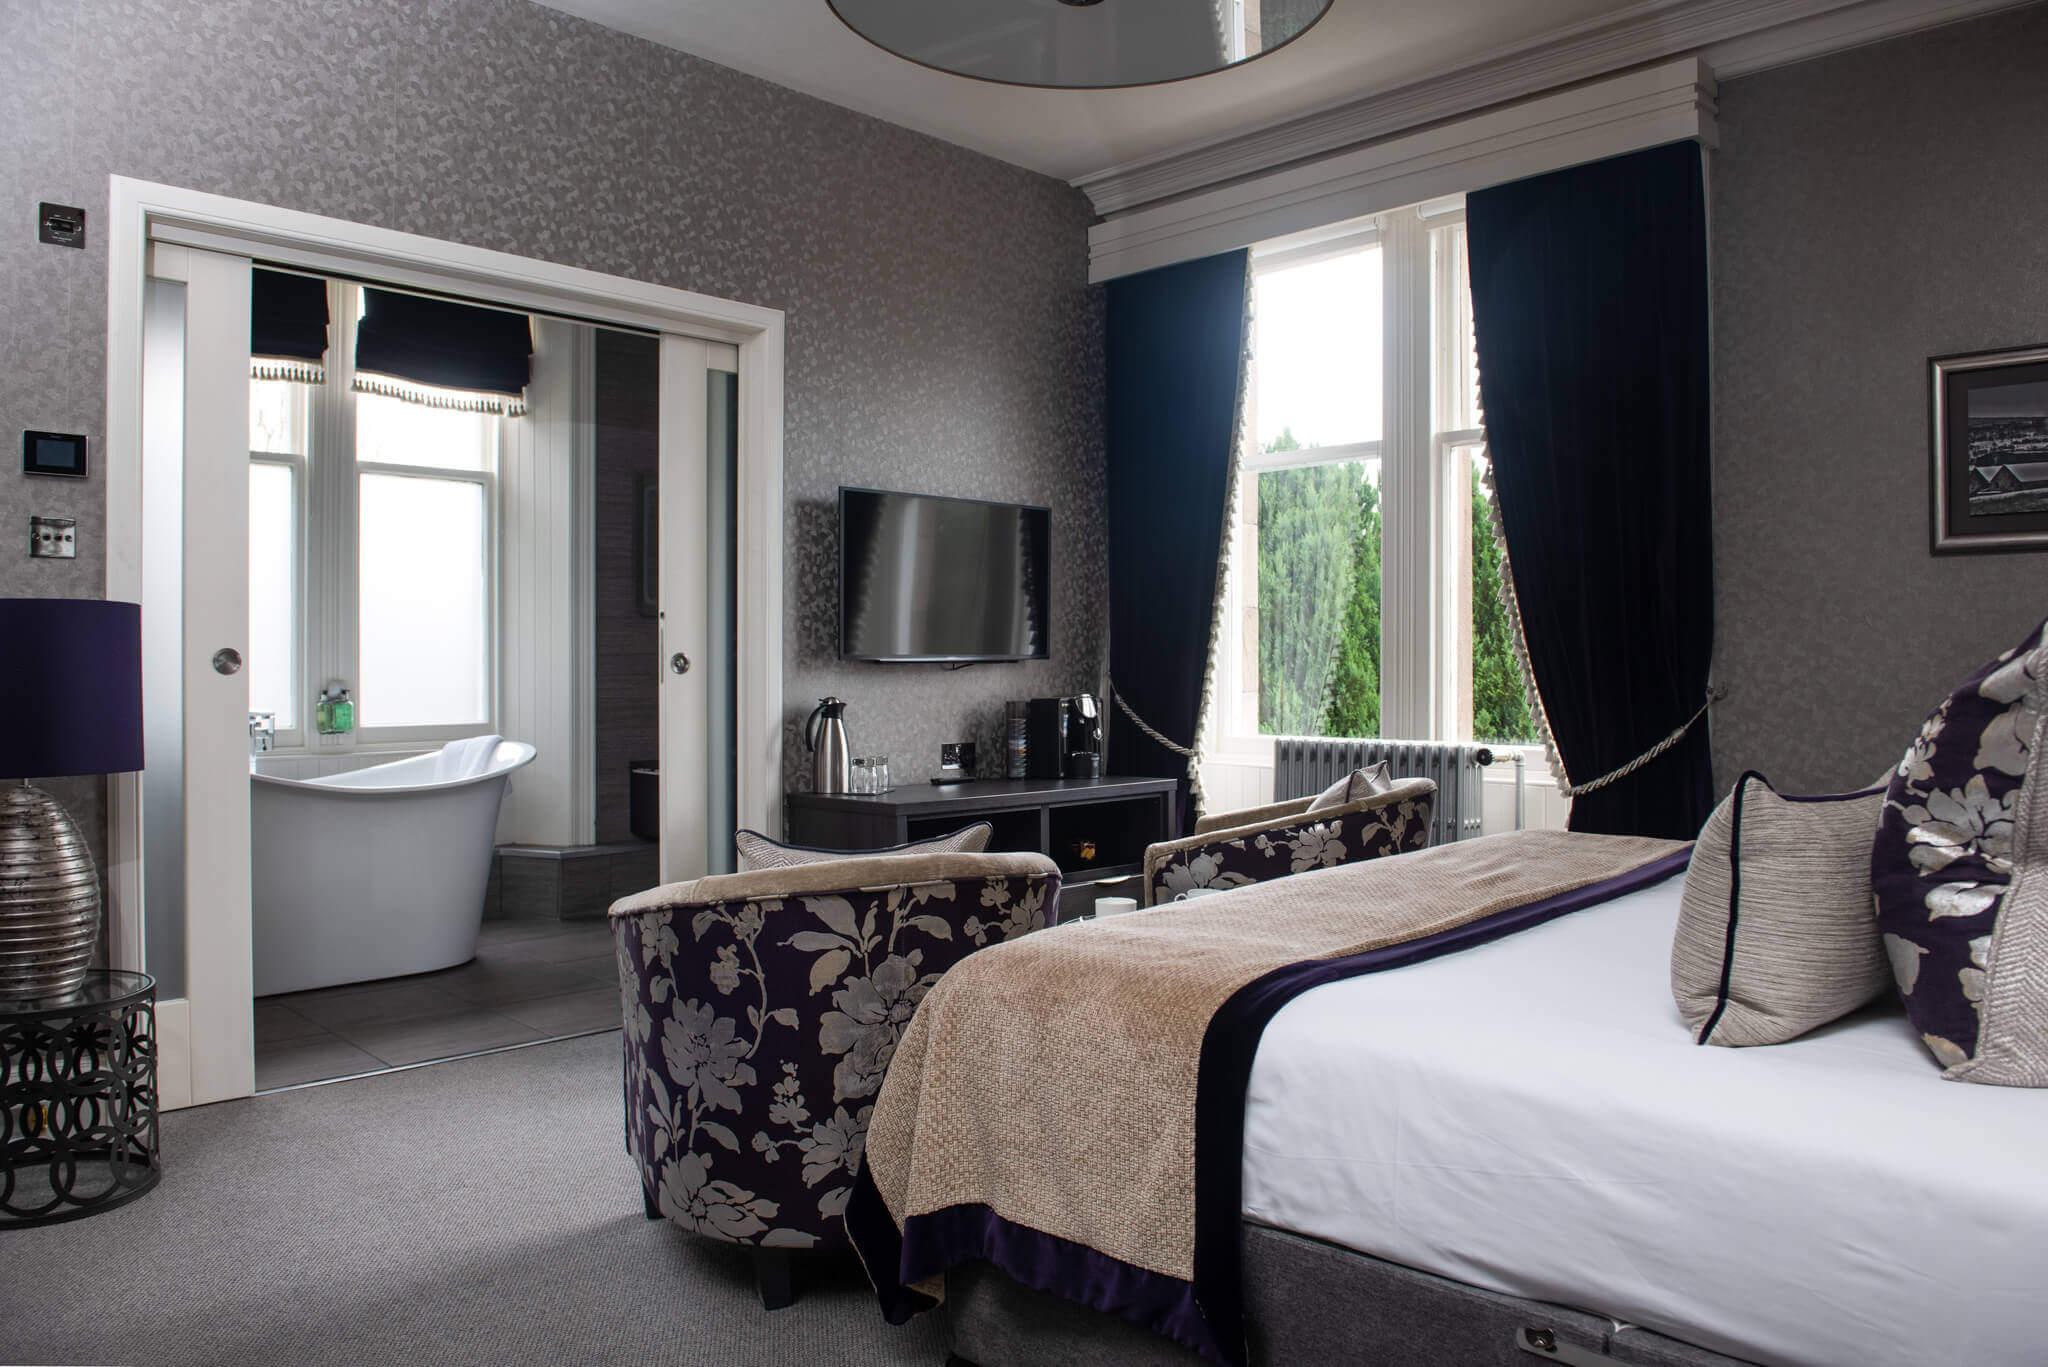 dowans_hotel-ryanjohnstonco-43